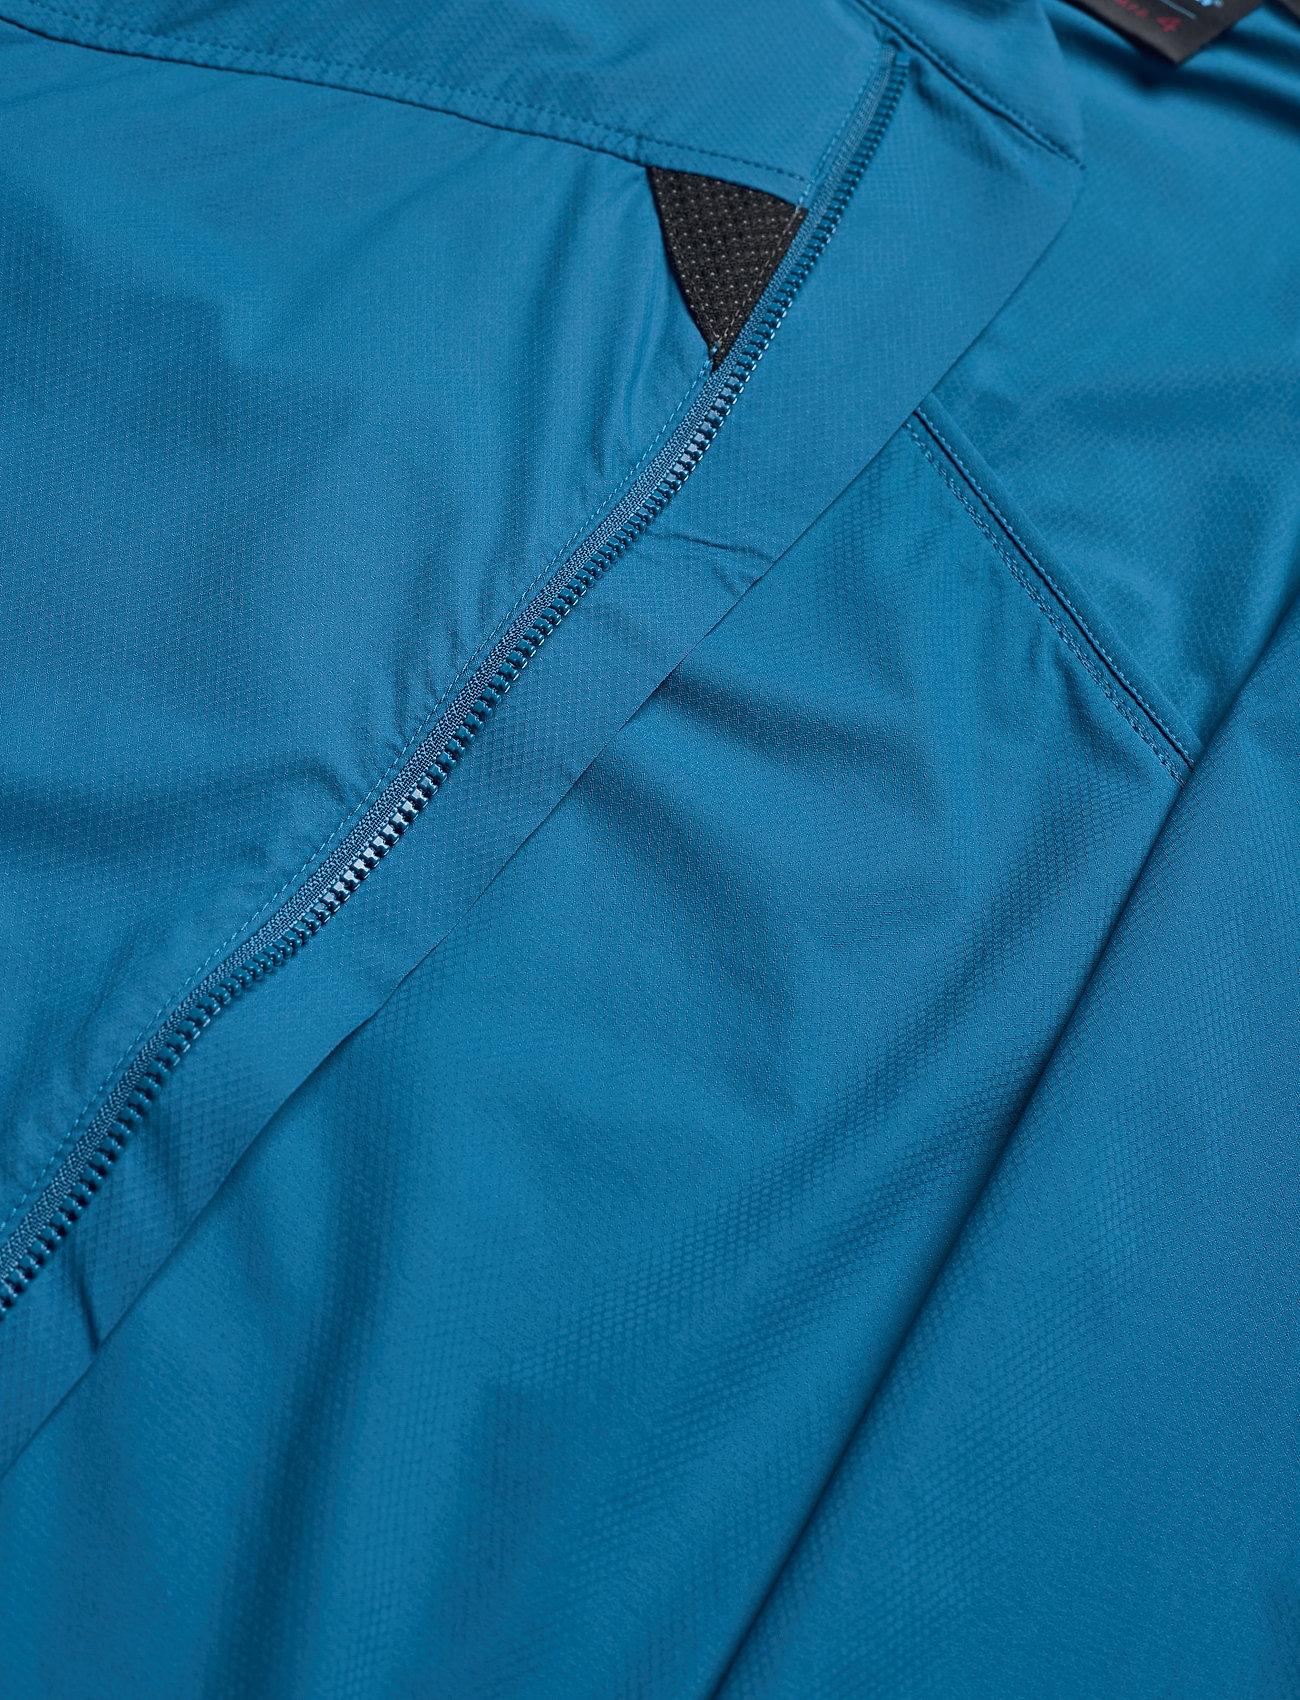 Klättermusen Nal Jacket M's - Jakker og frakker BLUE SAPPHIRE - Menn Klær